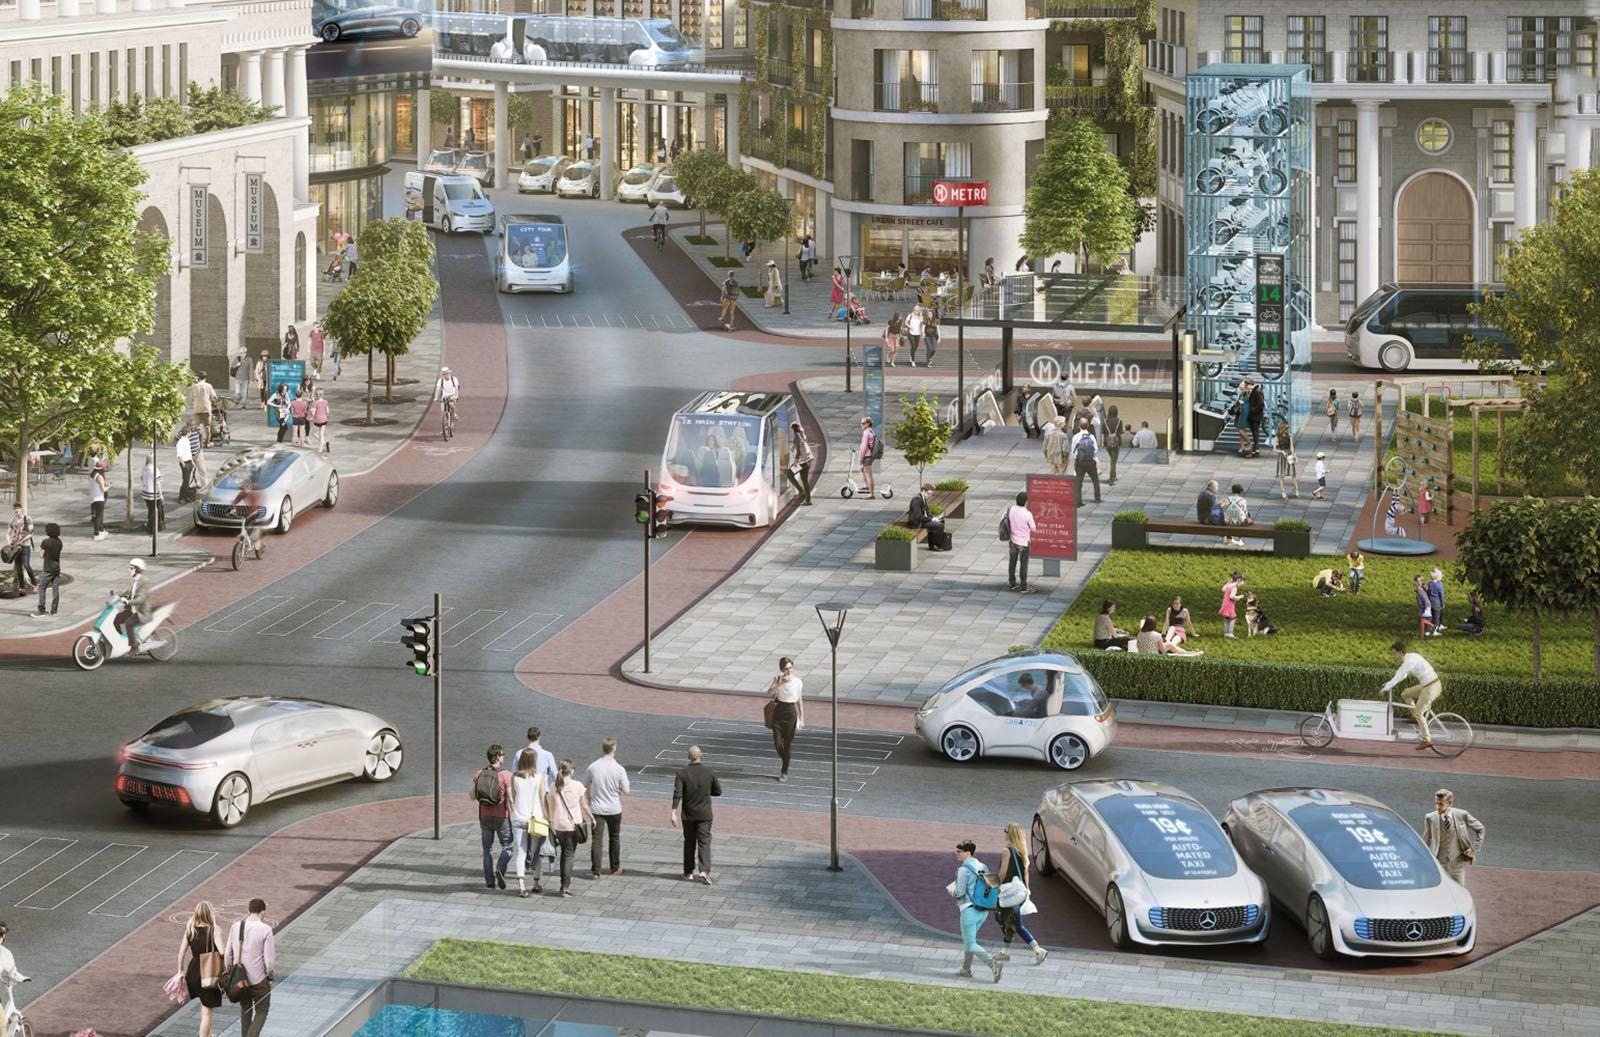 Daimler testet mit Bosch autonome Taxis in den nächsten Monaten - Engadget Deutschland